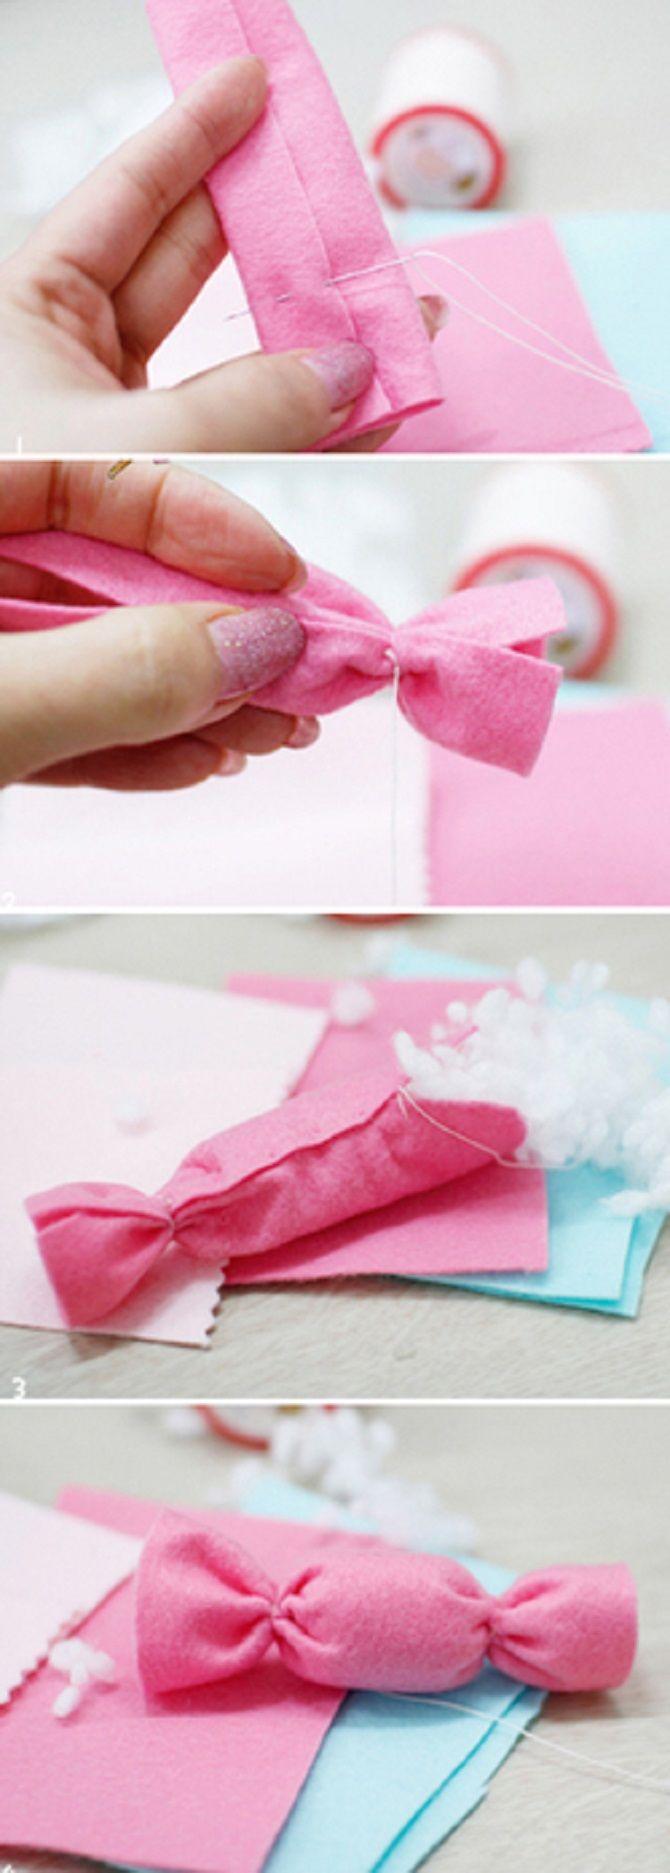 Як зробити цукерку на Новий рік своїми руками: креативні ідеї виробів з фото 28